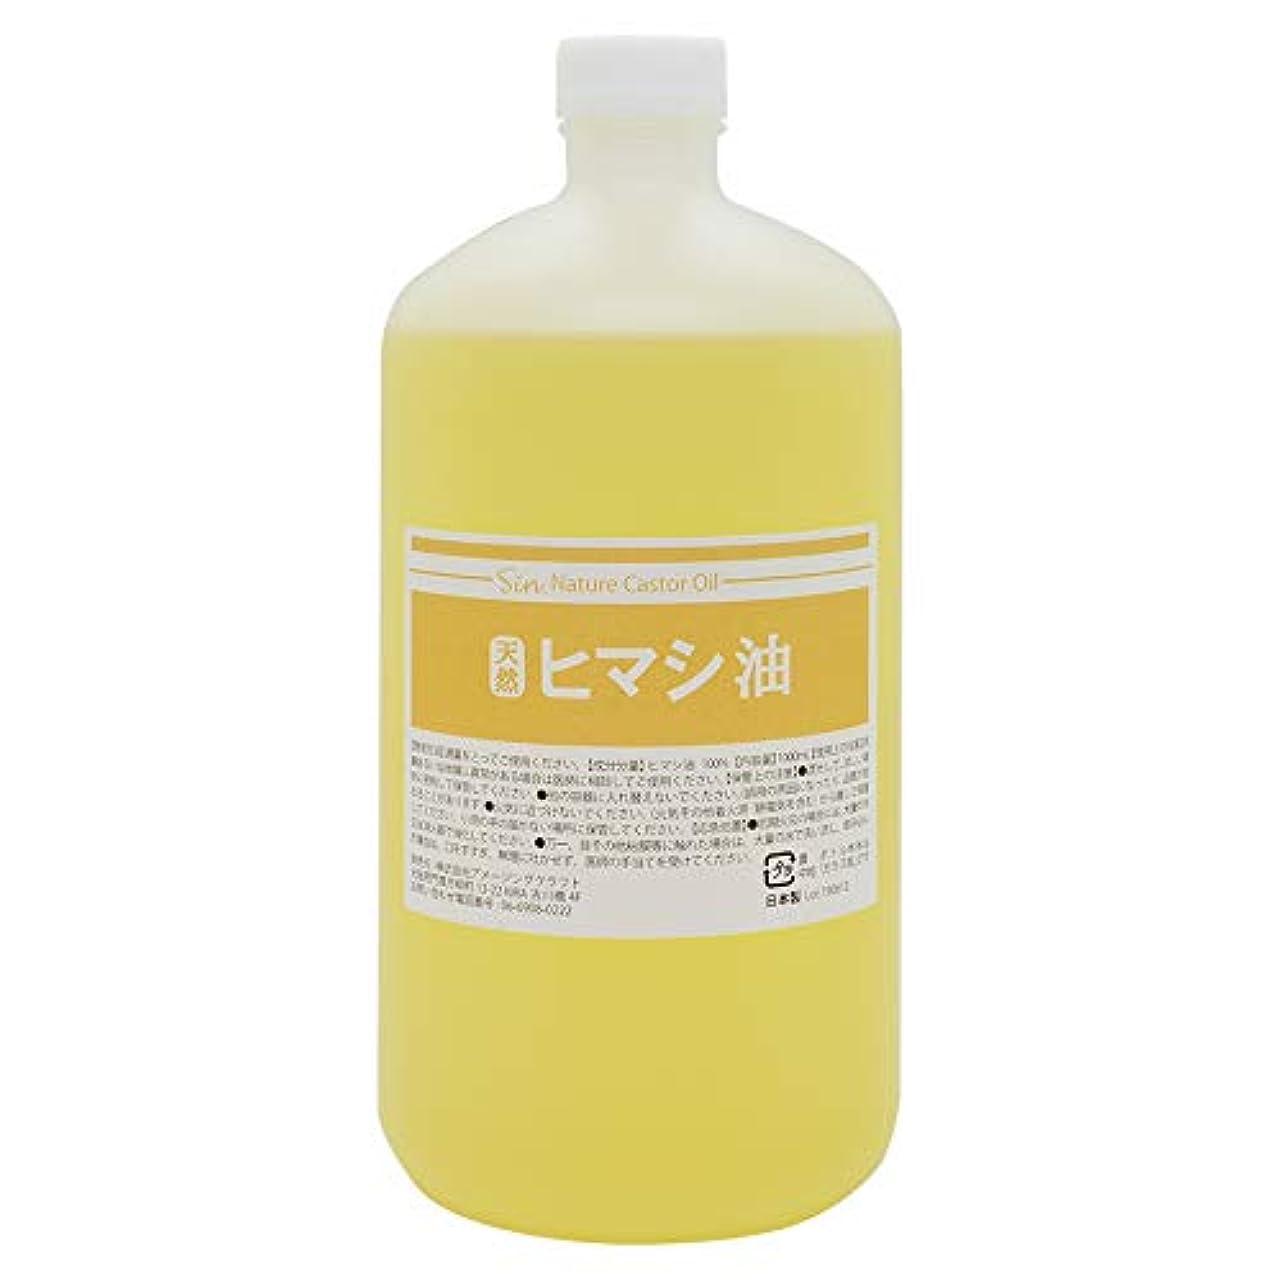 洗うディスクシャワー天然無添加 国内精製 ひまし油 1000ml (ヒマシ油 キャスターオイル)